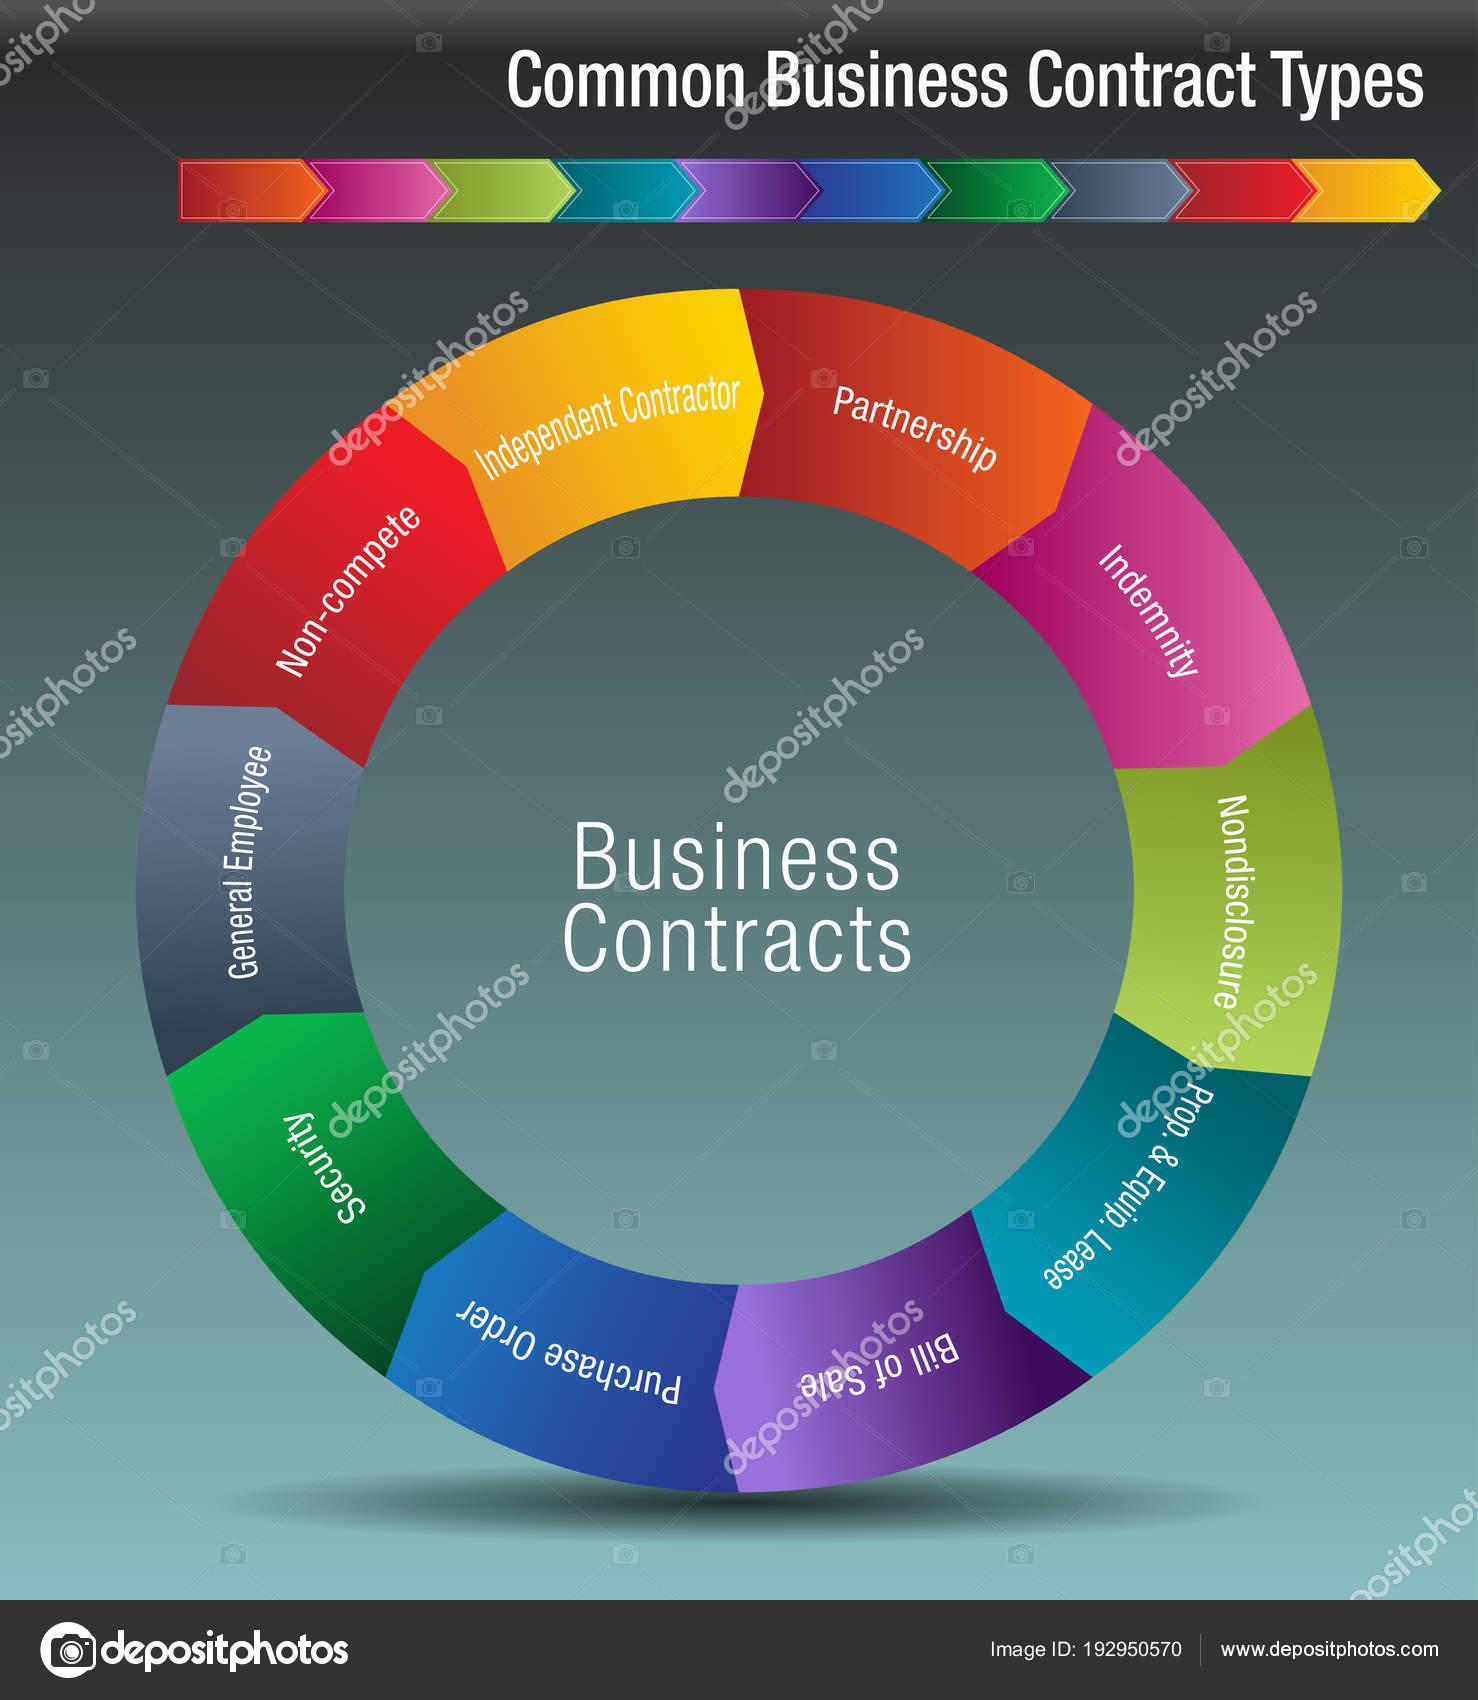 Tipos de contrato de negocio comunes — Archivo Imágenes Vectoriales ...